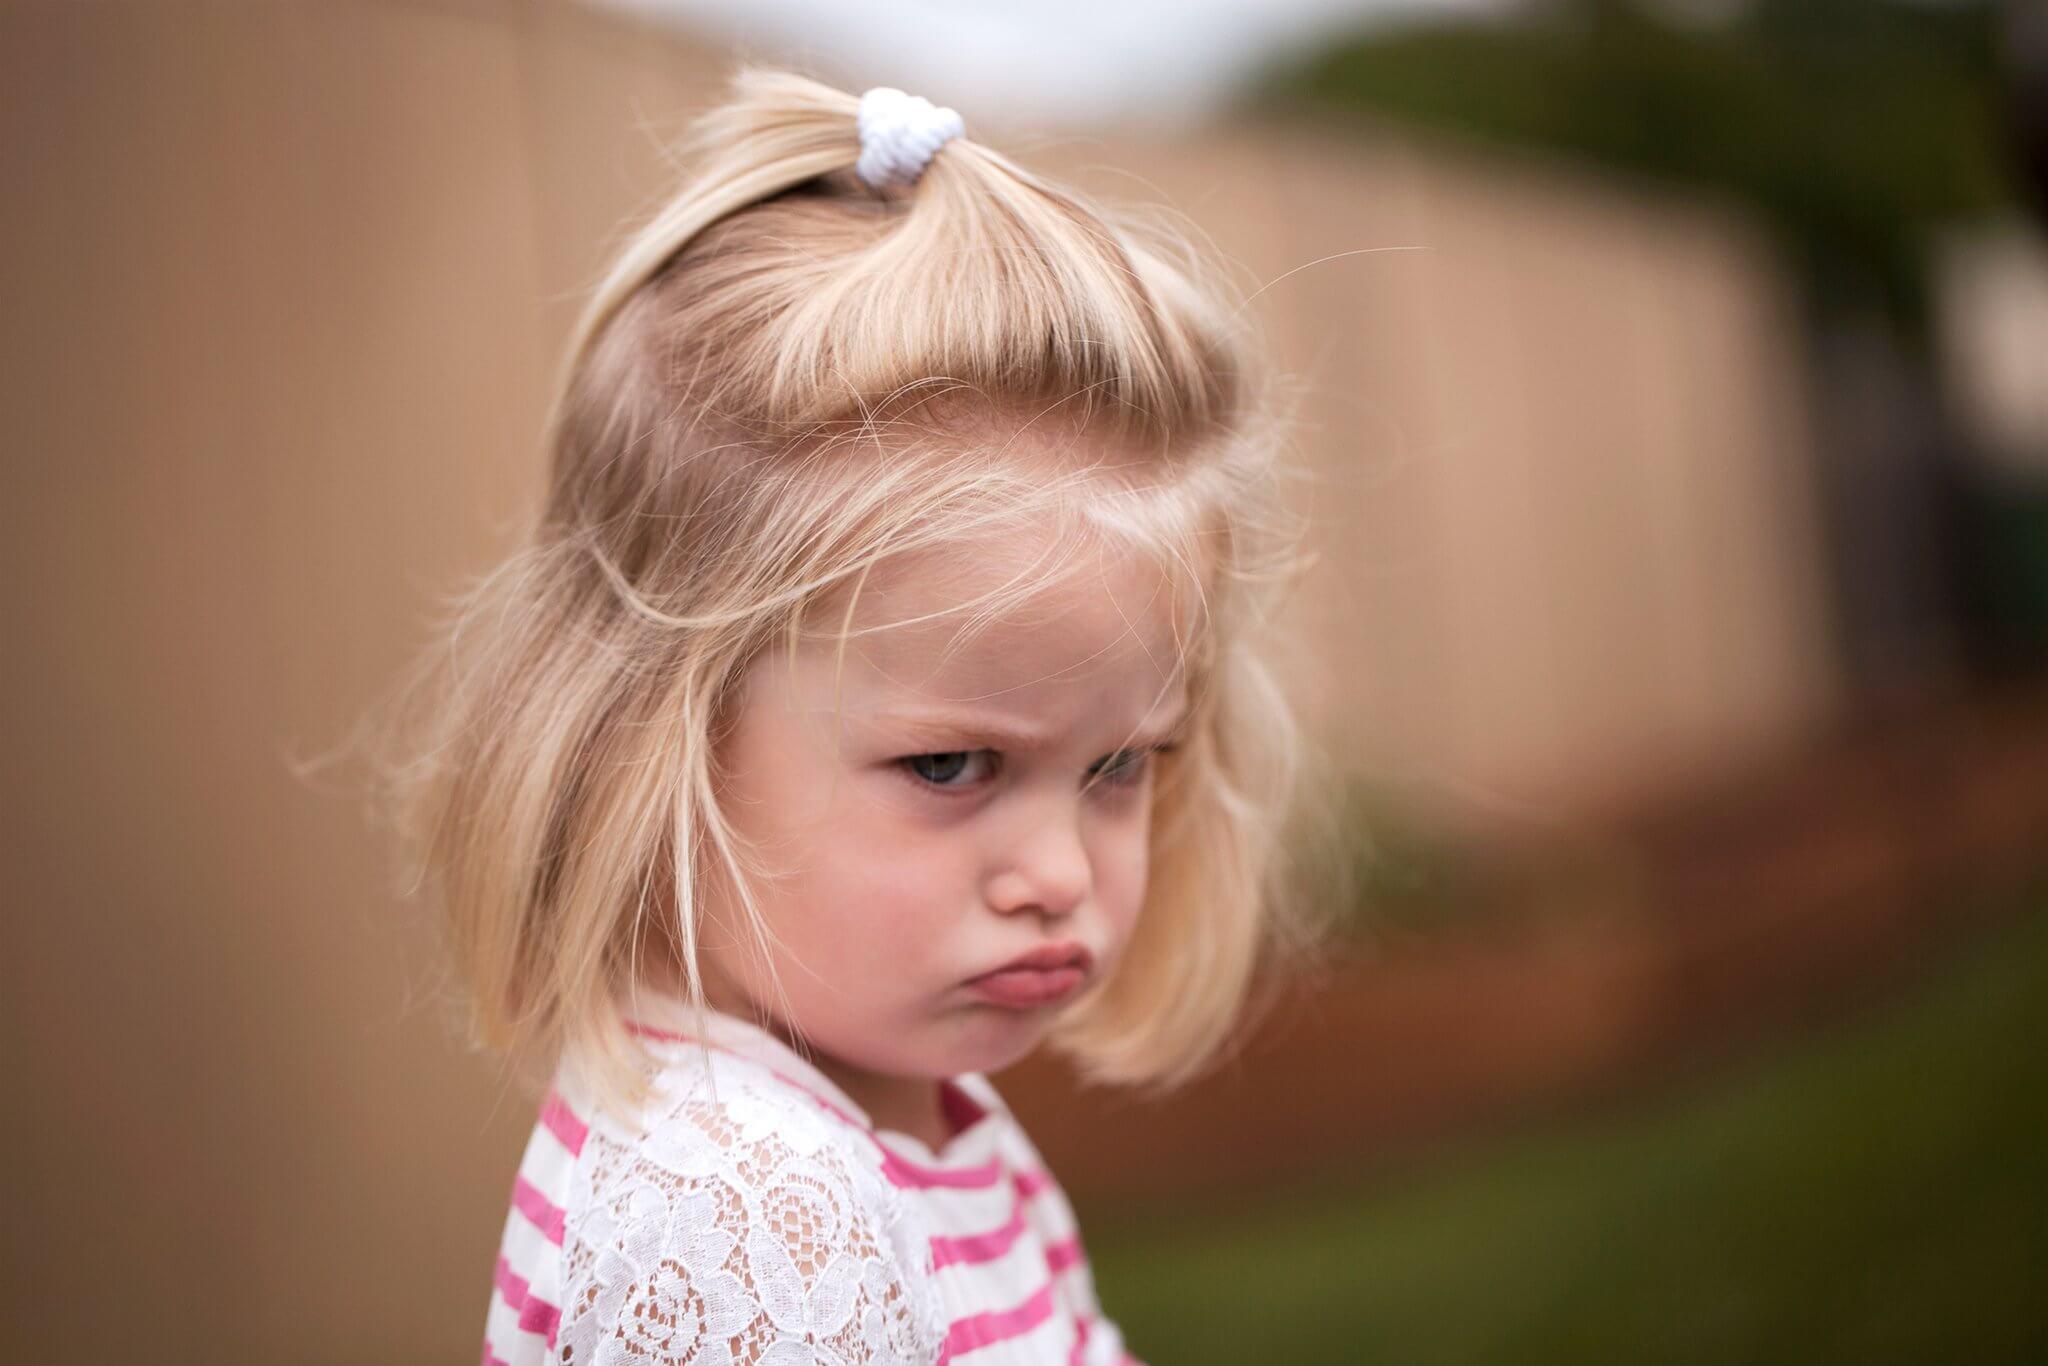 Kuinka tunnistaa lapsen raivo ja miten suhtautua siihen?